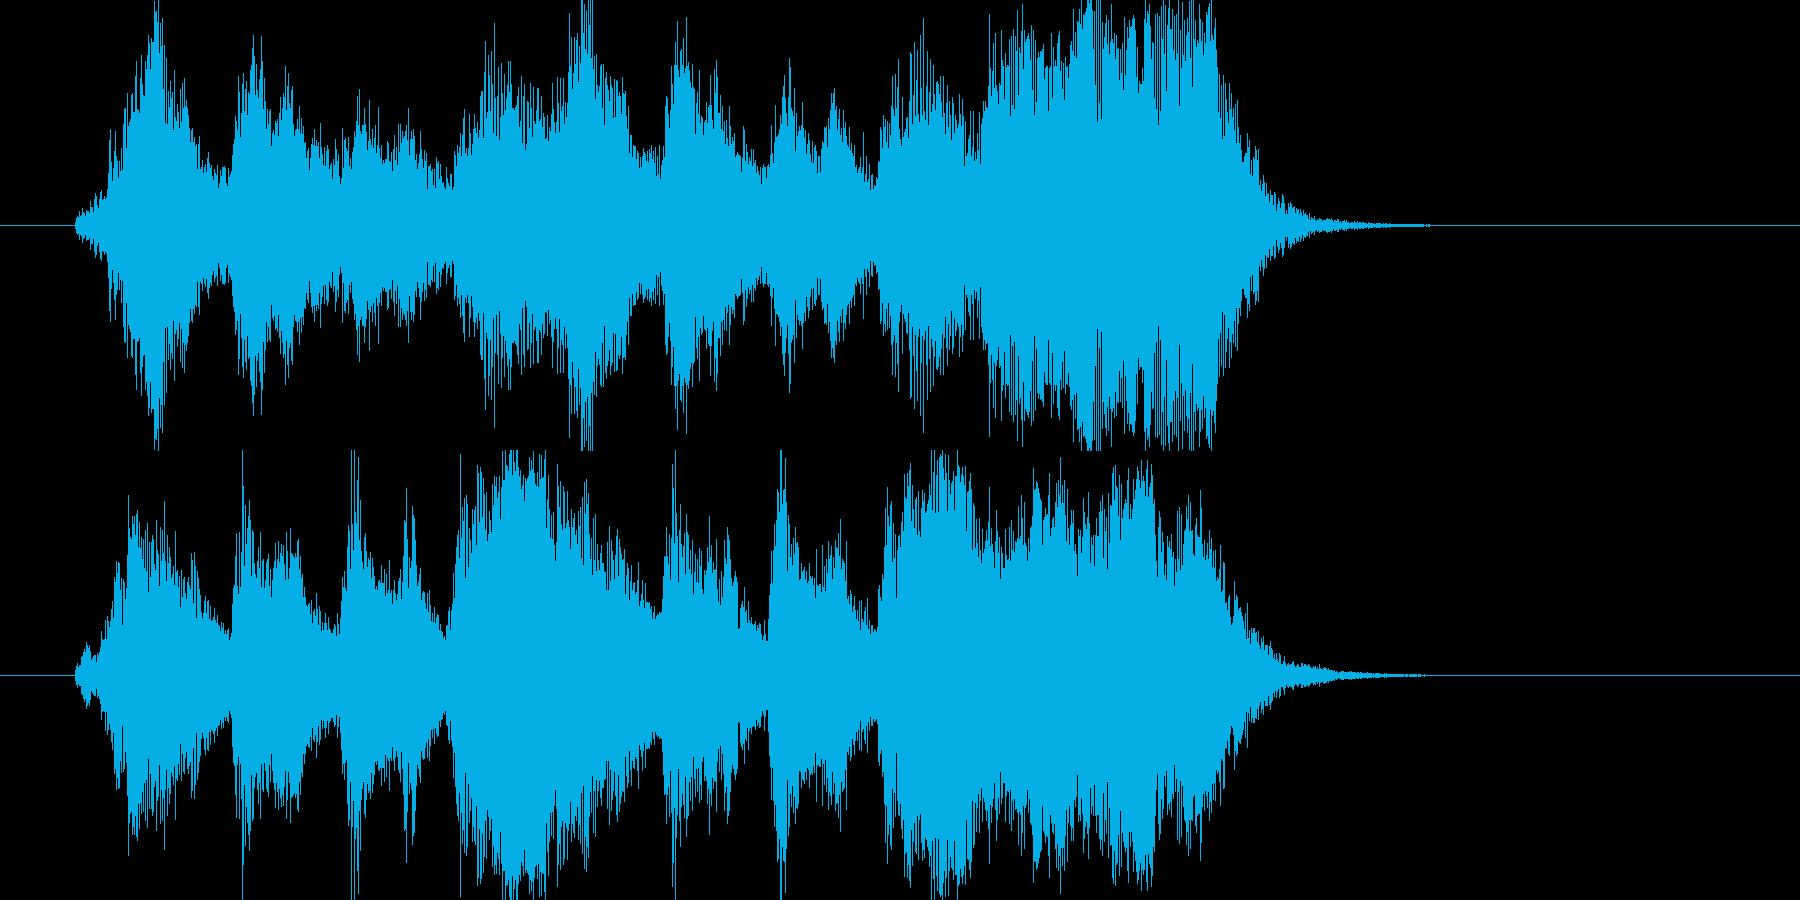 希望の空へ羽ばたくオーケストラジングルの再生済みの波形